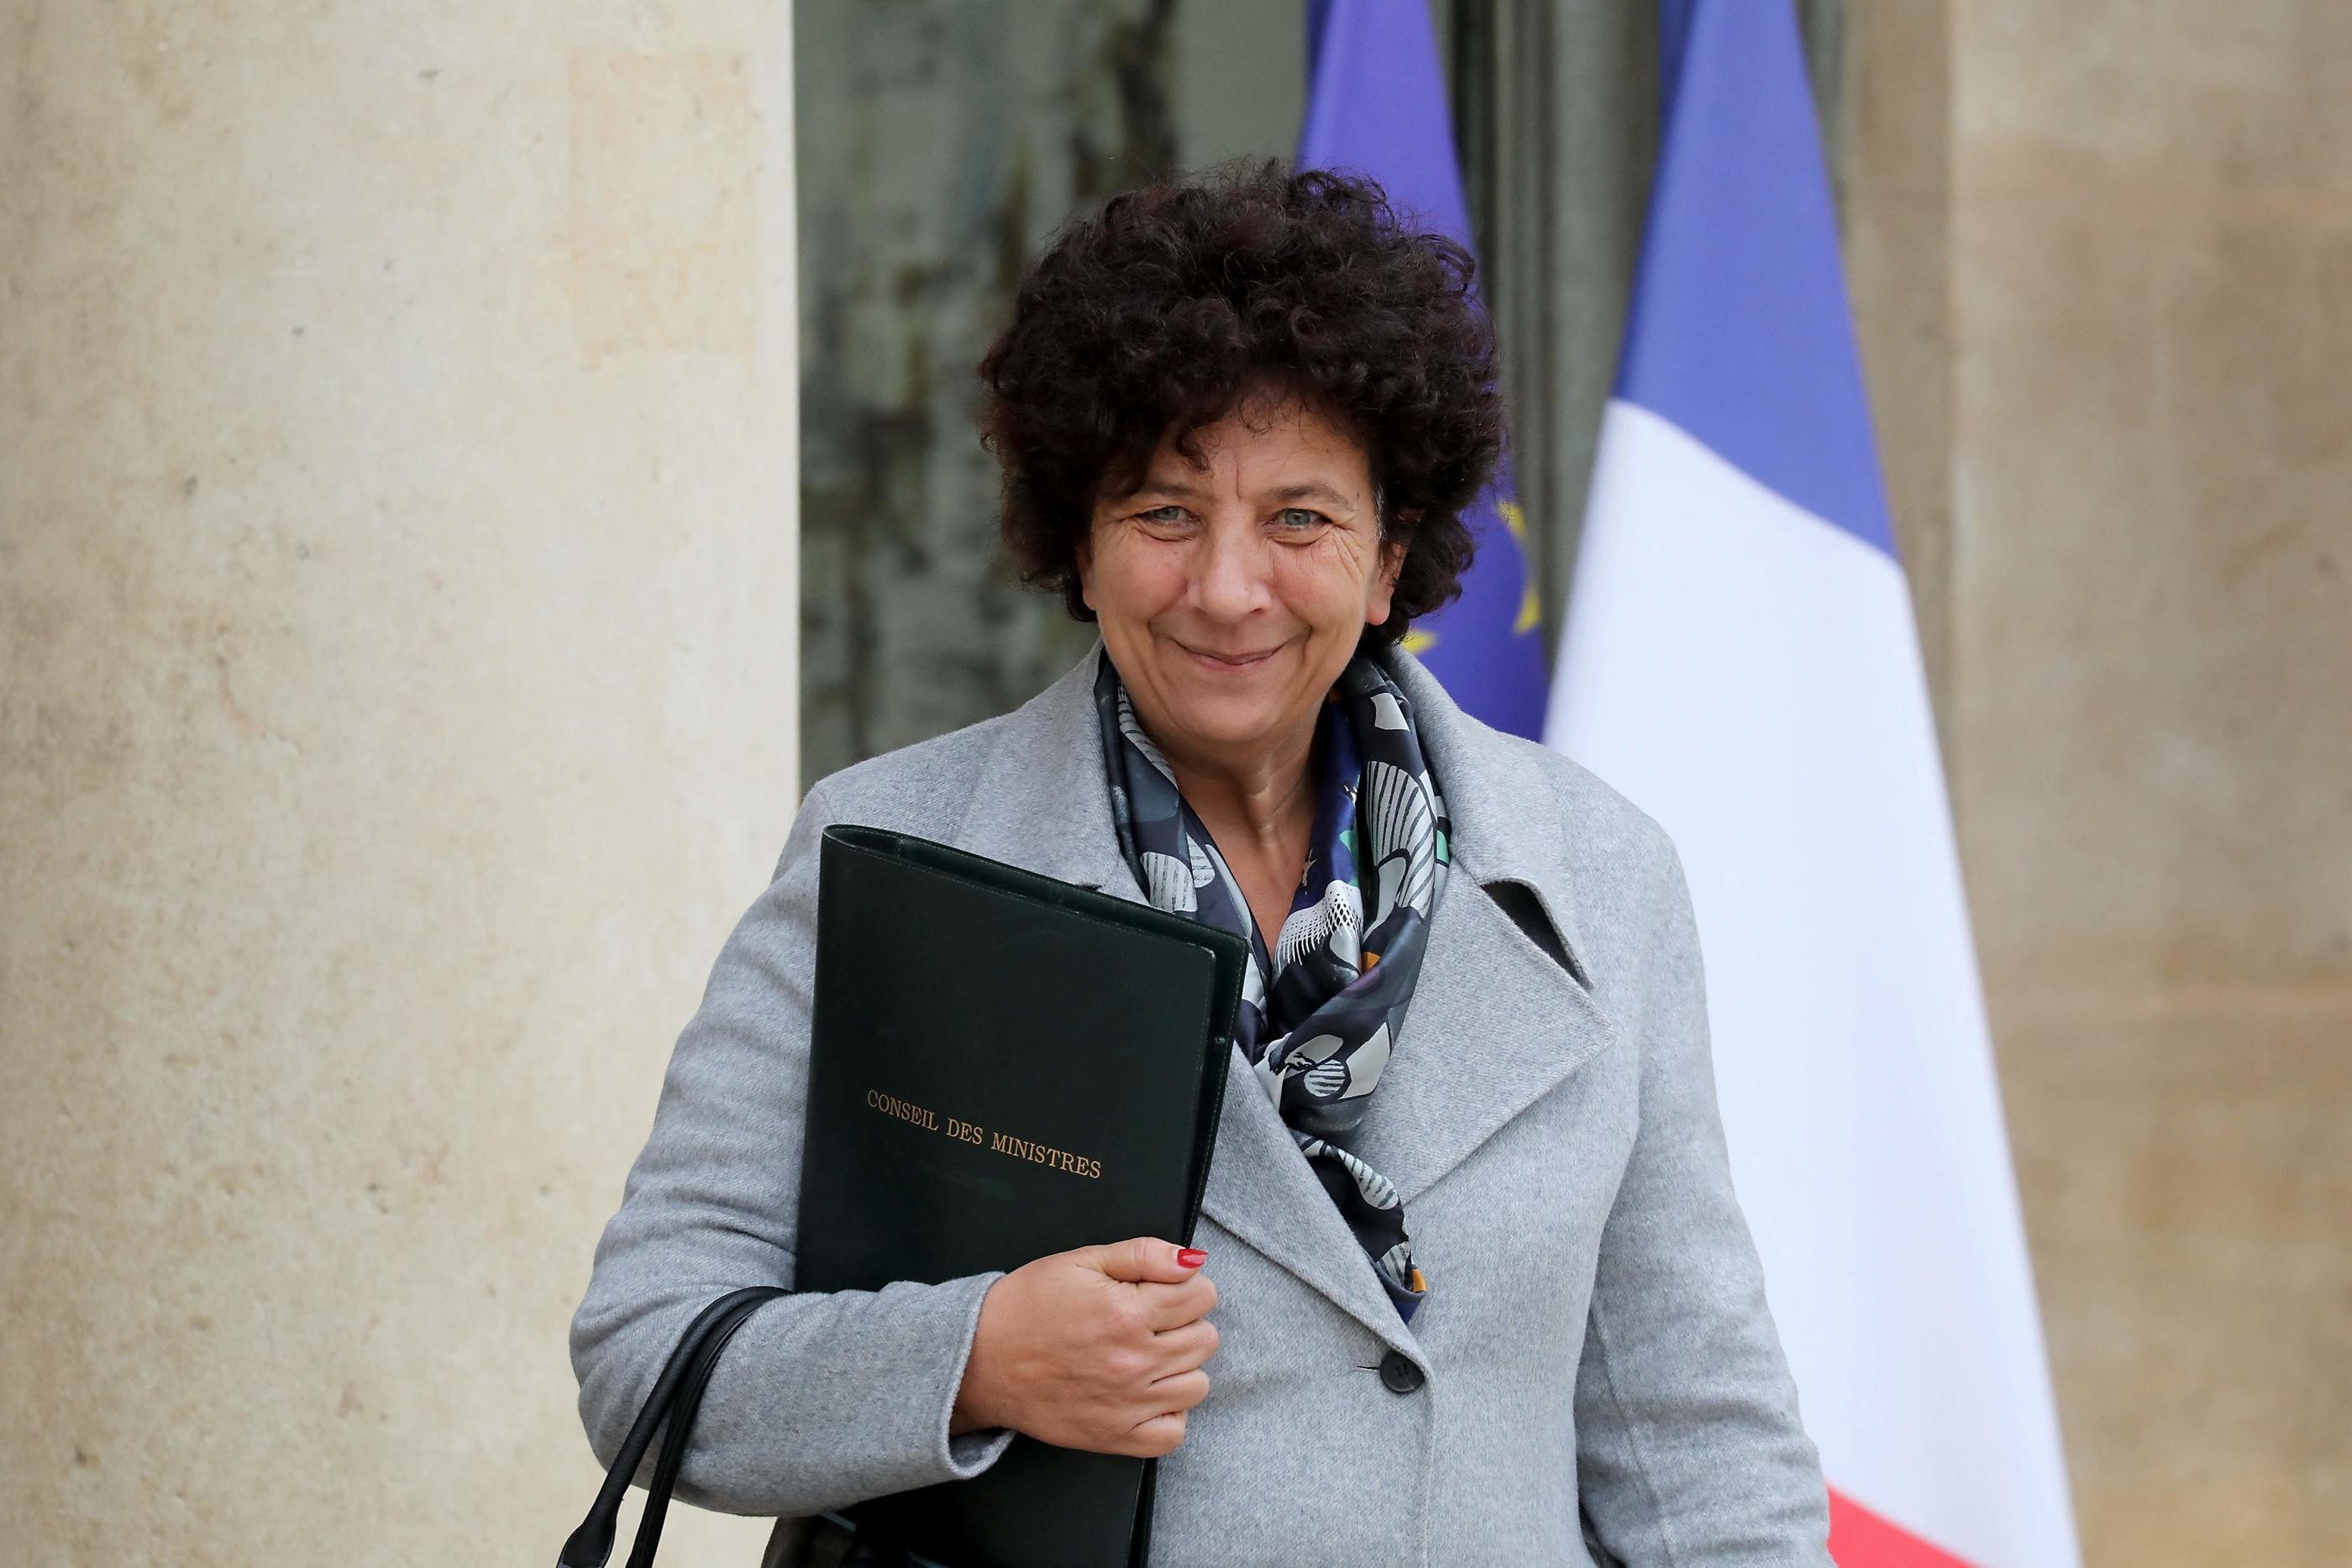 «Islamo-gauchisme» à l'université : la ministre Frédérique Vidal regrette... la «polémique», pas ses propos